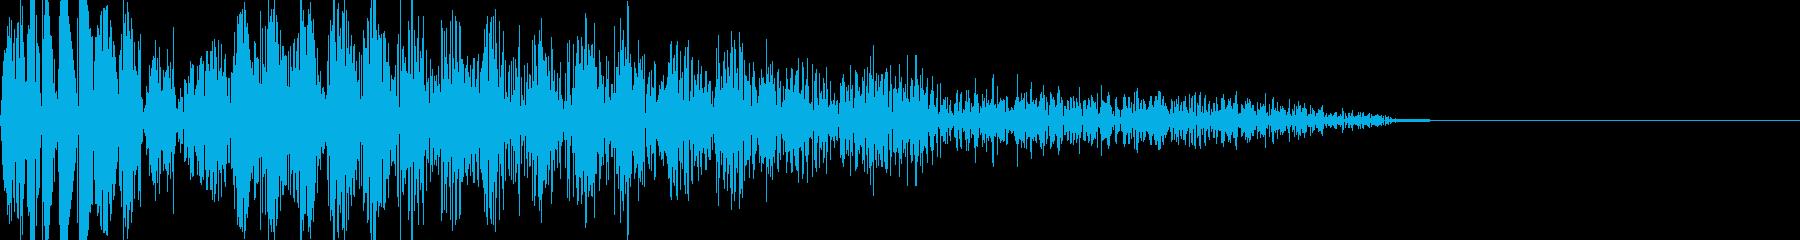 バシッ(打撃音)の再生済みの波形